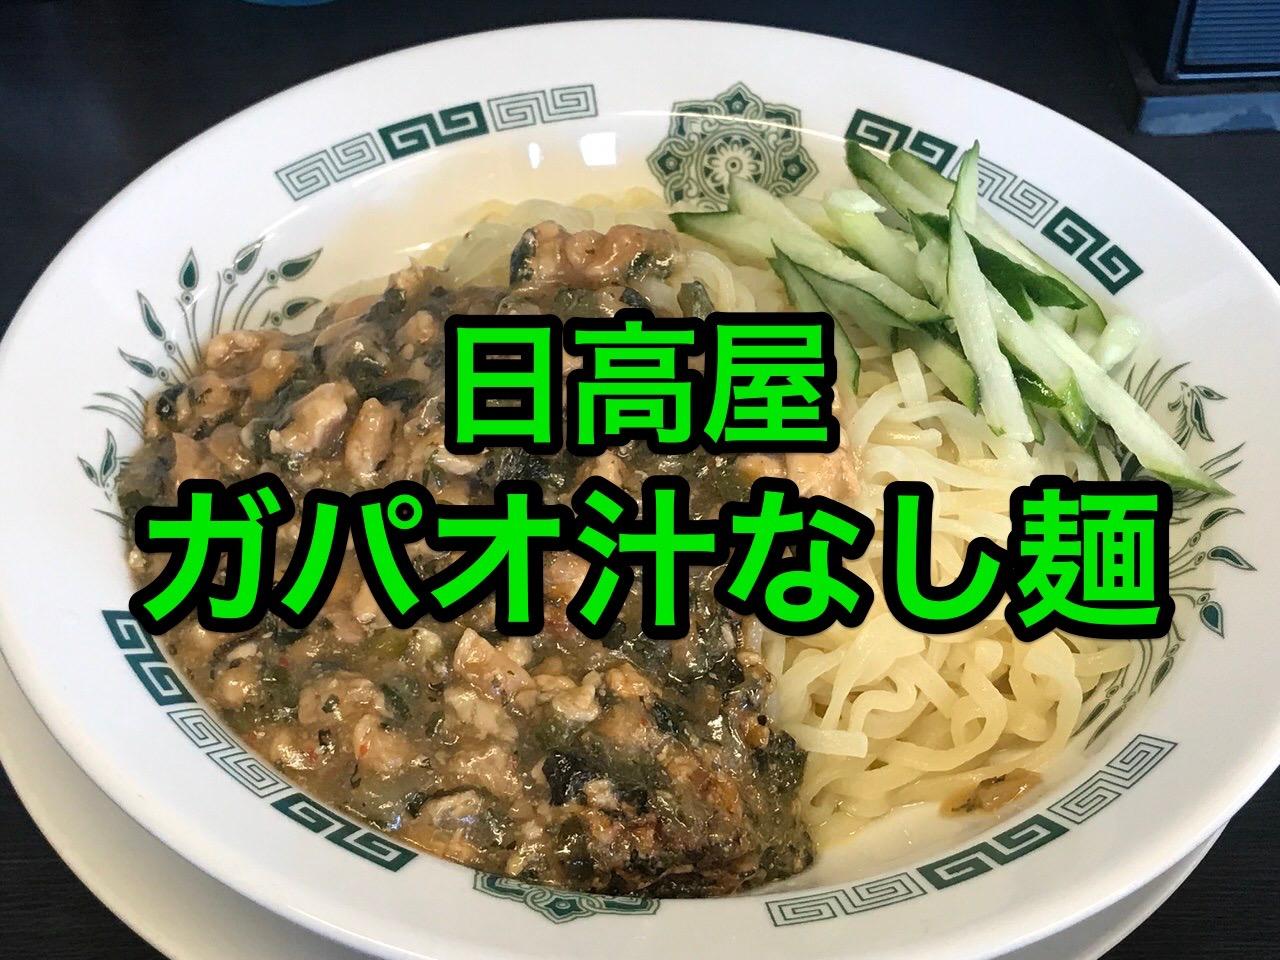 日高屋「ガパオ汁なし麺」ラー油と酢でさらに美味くなる!